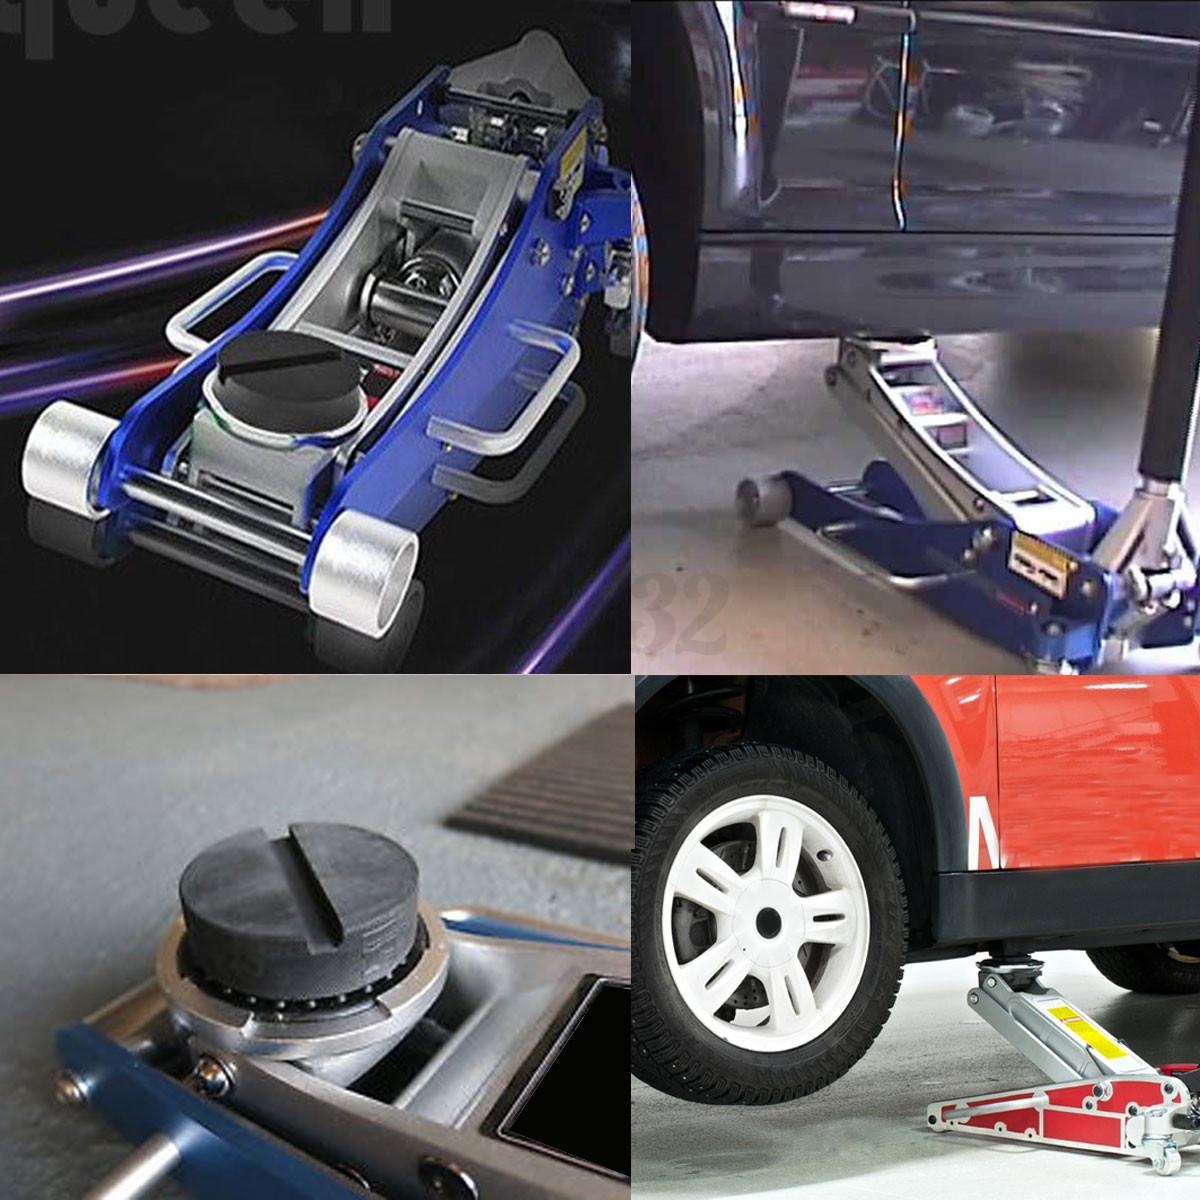 75mm bloc caoutchouc cric levage automobile tampon hydraulique auto voiture 2ton ebay. Black Bedroom Furniture Sets. Home Design Ideas